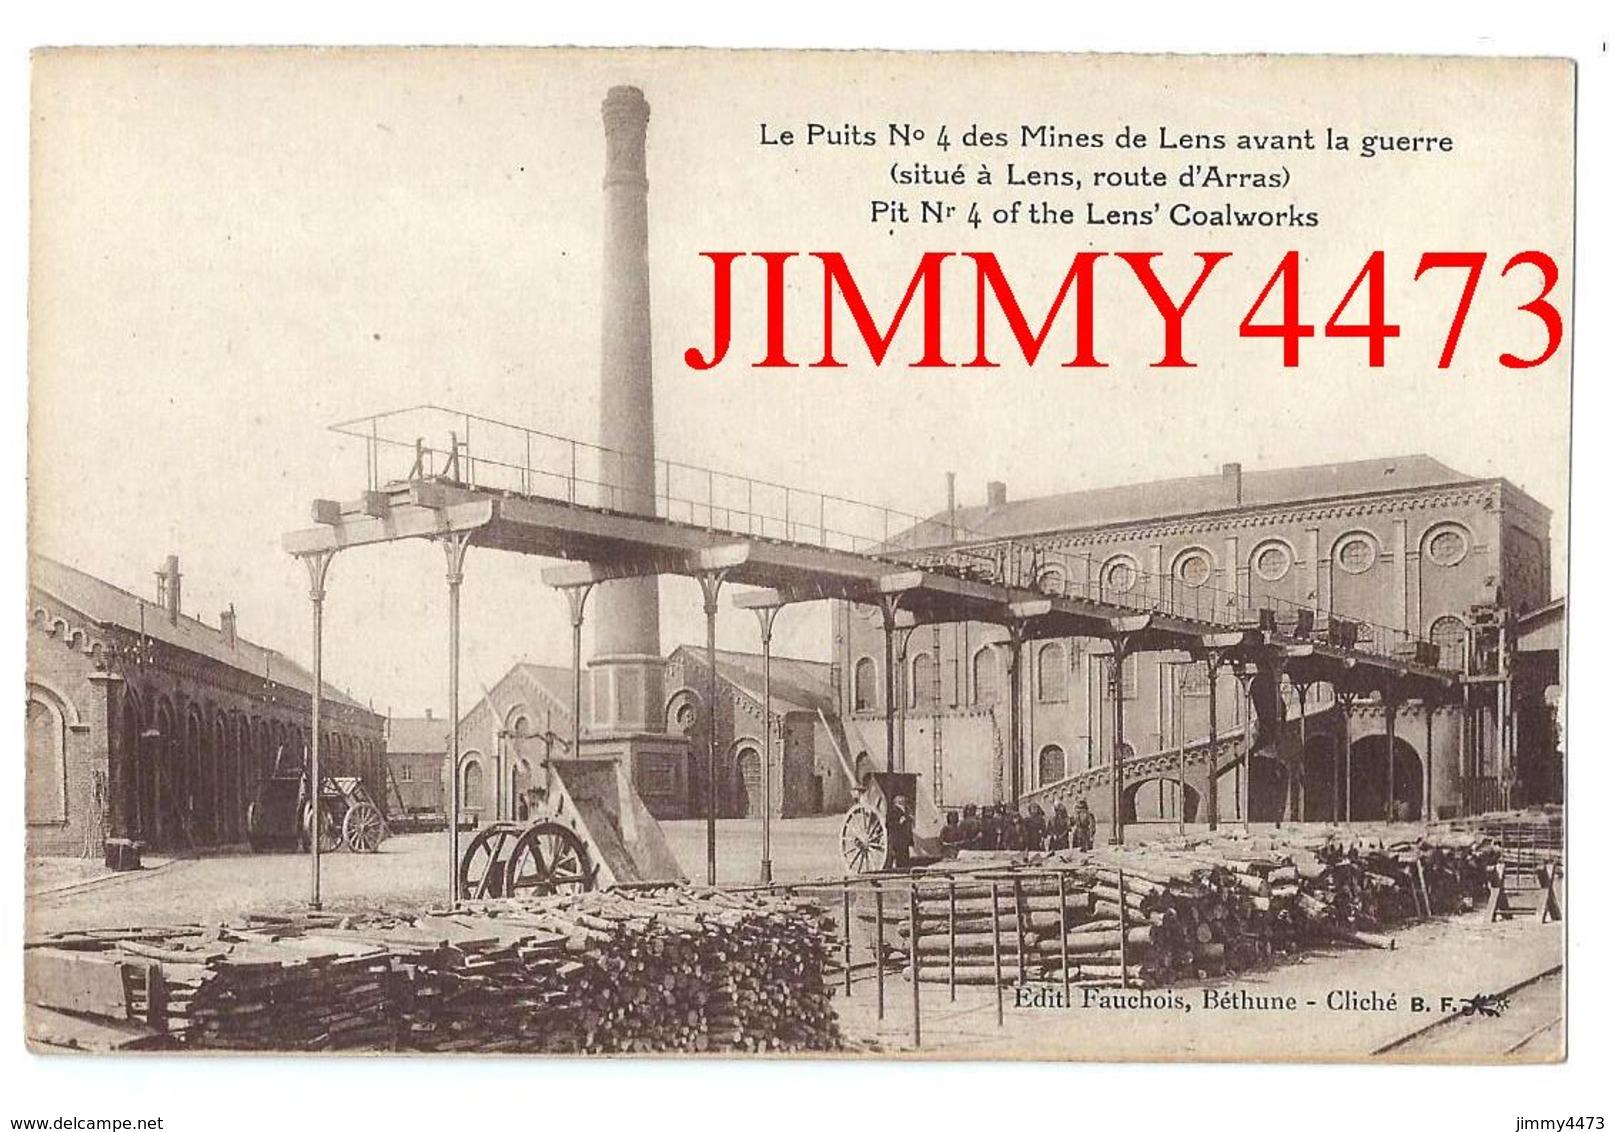 CPA - Le Puits N° 4 Des Mines De Lens Avant La Guerre - LENS 62 Pas De Calais - Edit. Fauchois à Béthune - Recto-Verso - Lens